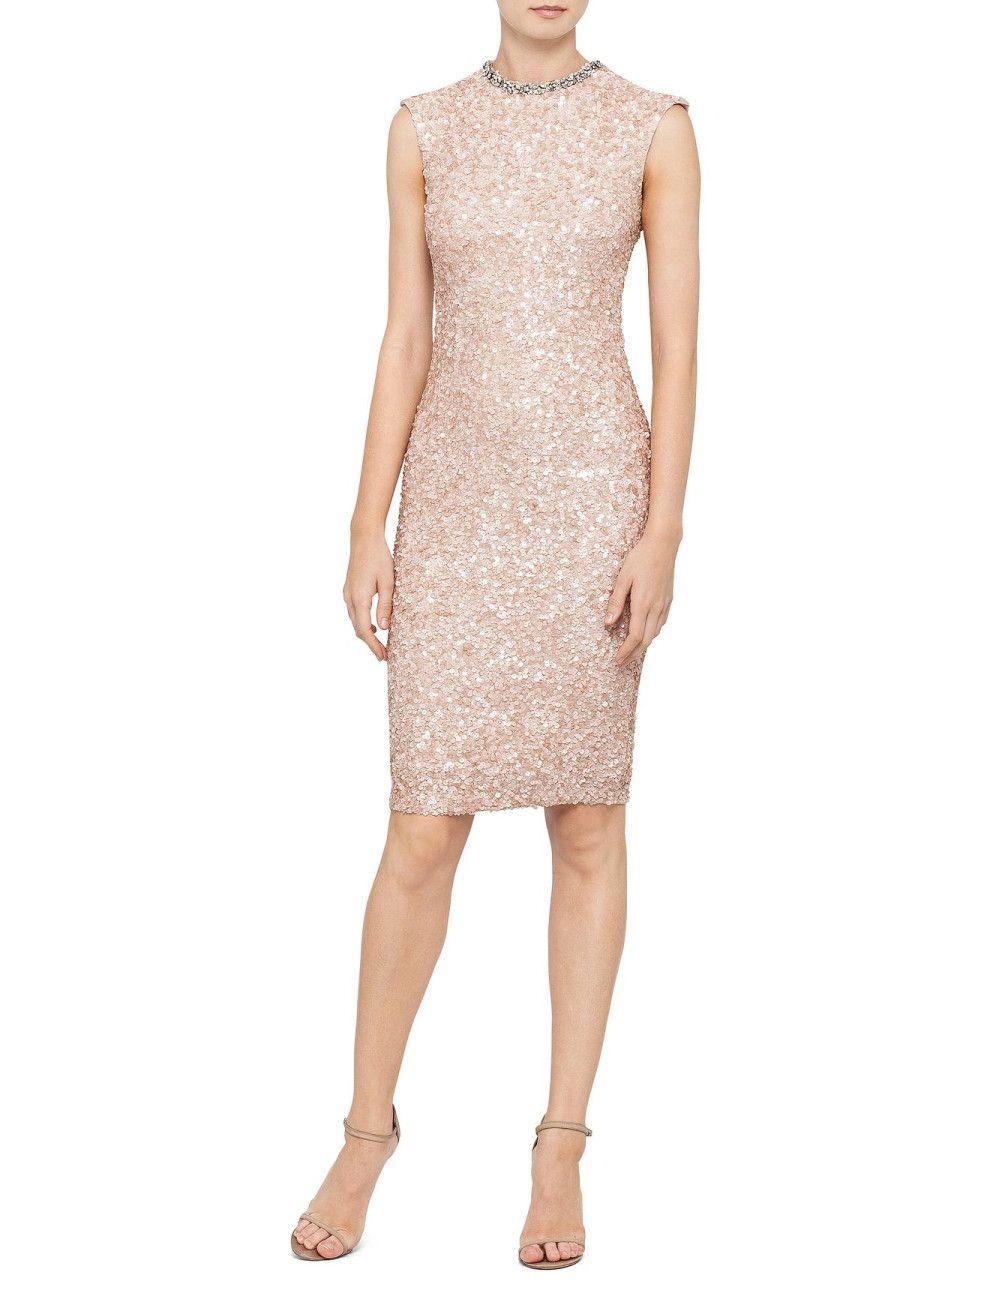 Samantha Dress   David Jones   Suknie dla mamusi   Pinterest   David ...